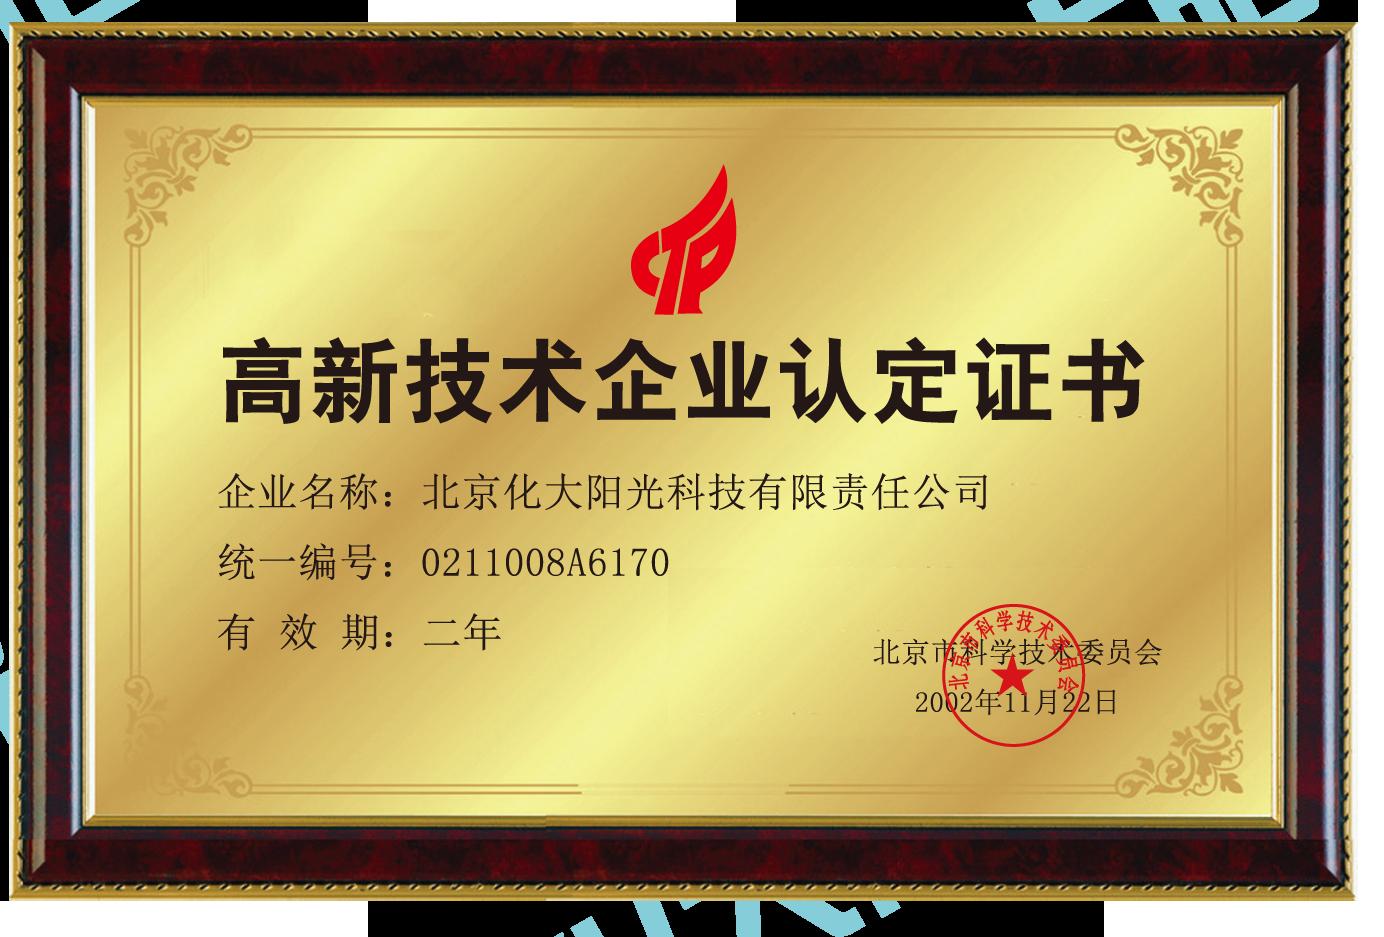 北京市高新技术企业认证